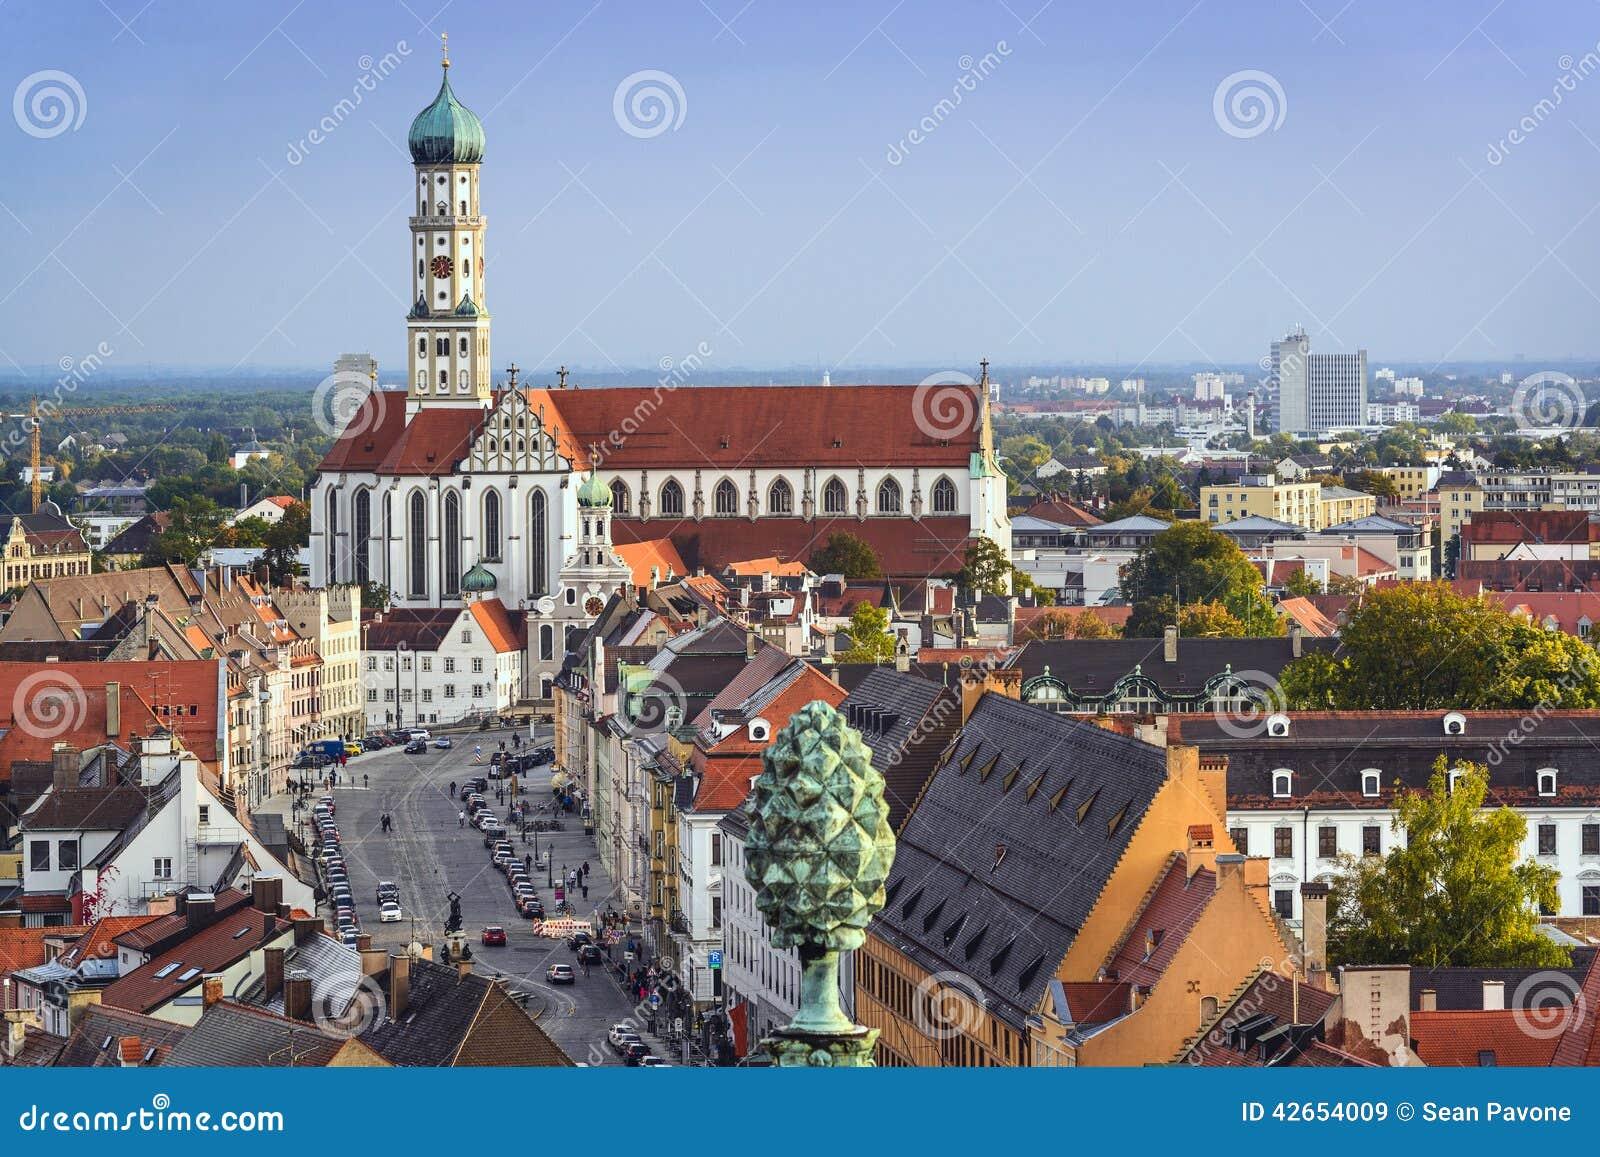 Augsburg, Germany Stock Photo - Image: 42654009